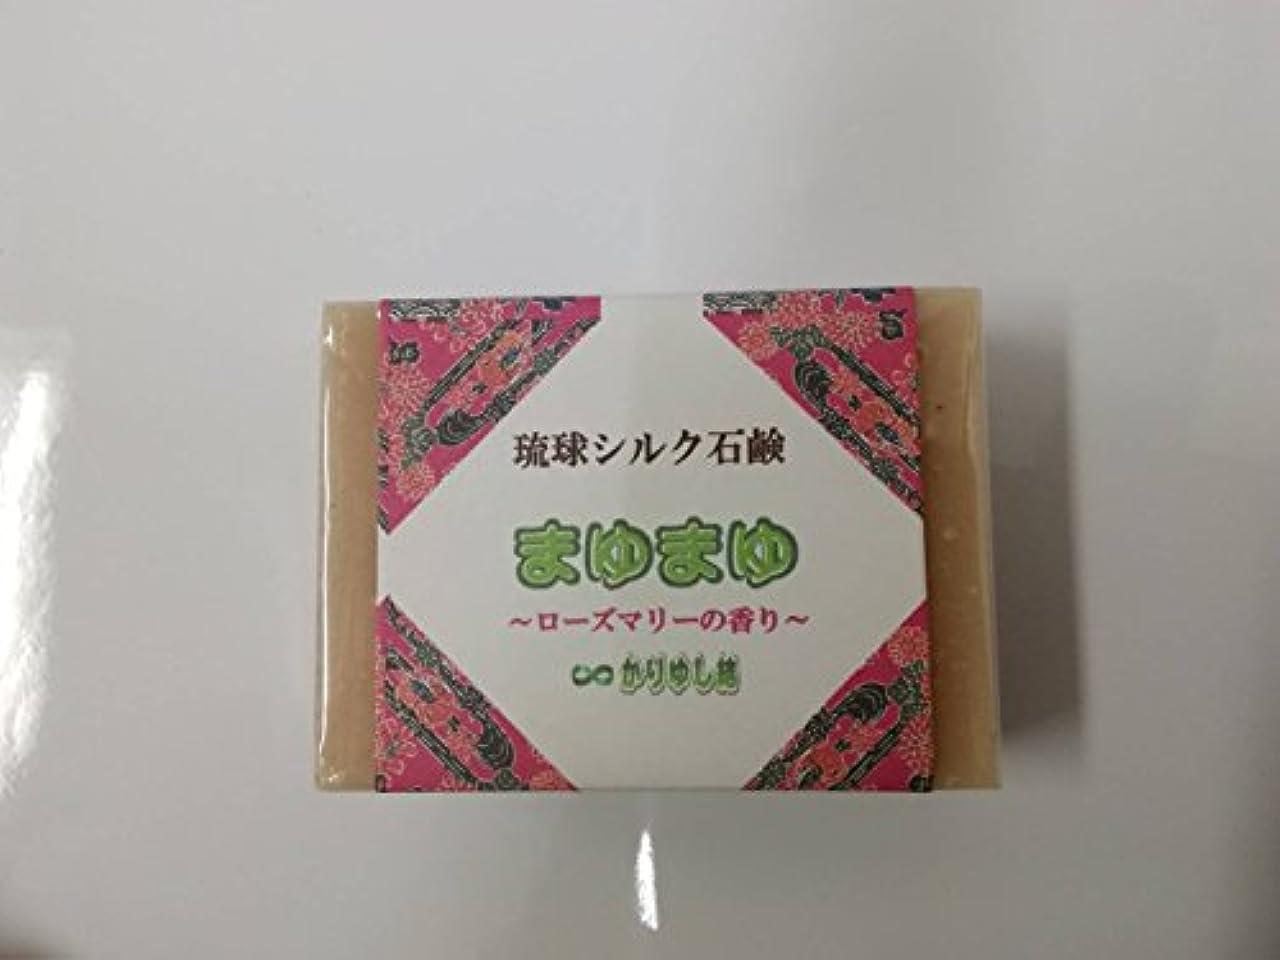 しわ原油一月琉球シルク石鹸 まゆまゆ ピンクカオリン ローズマリーの香り